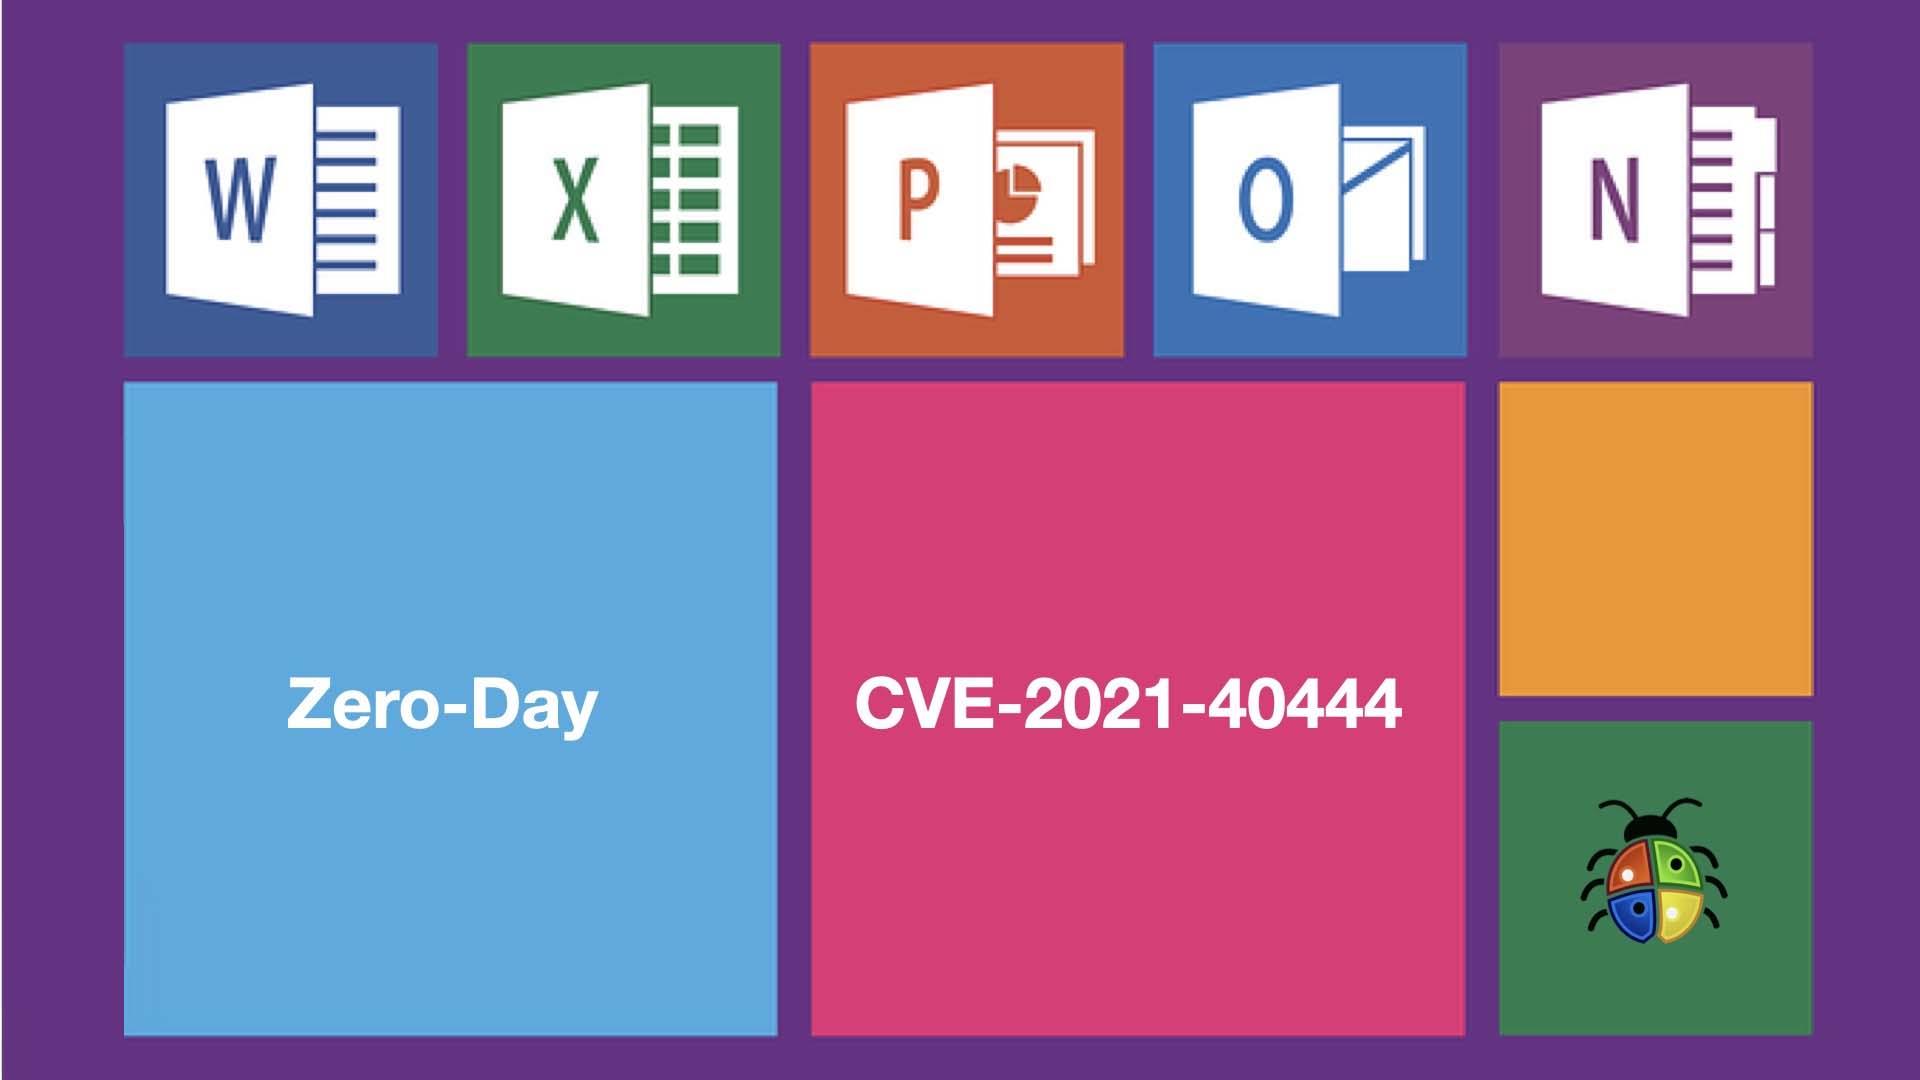 cve-2021-40444